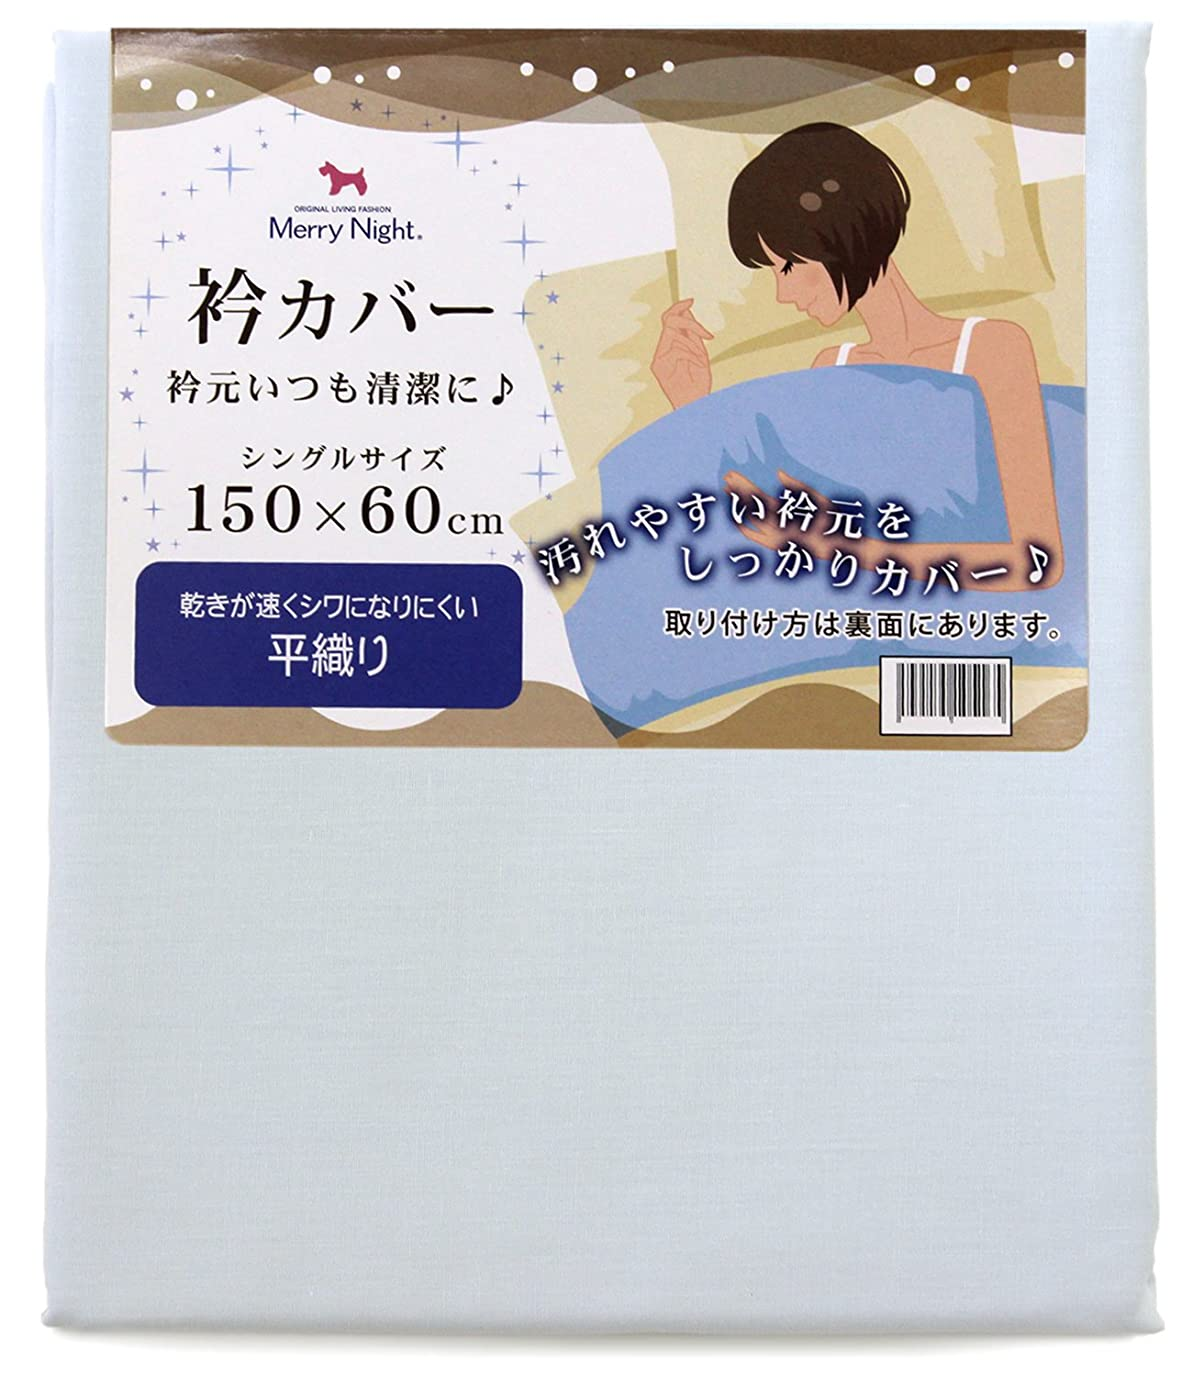 積分宴会落胆させるメリーナイト 衿カバー 平織り 150×60cm サックス EK1510-76